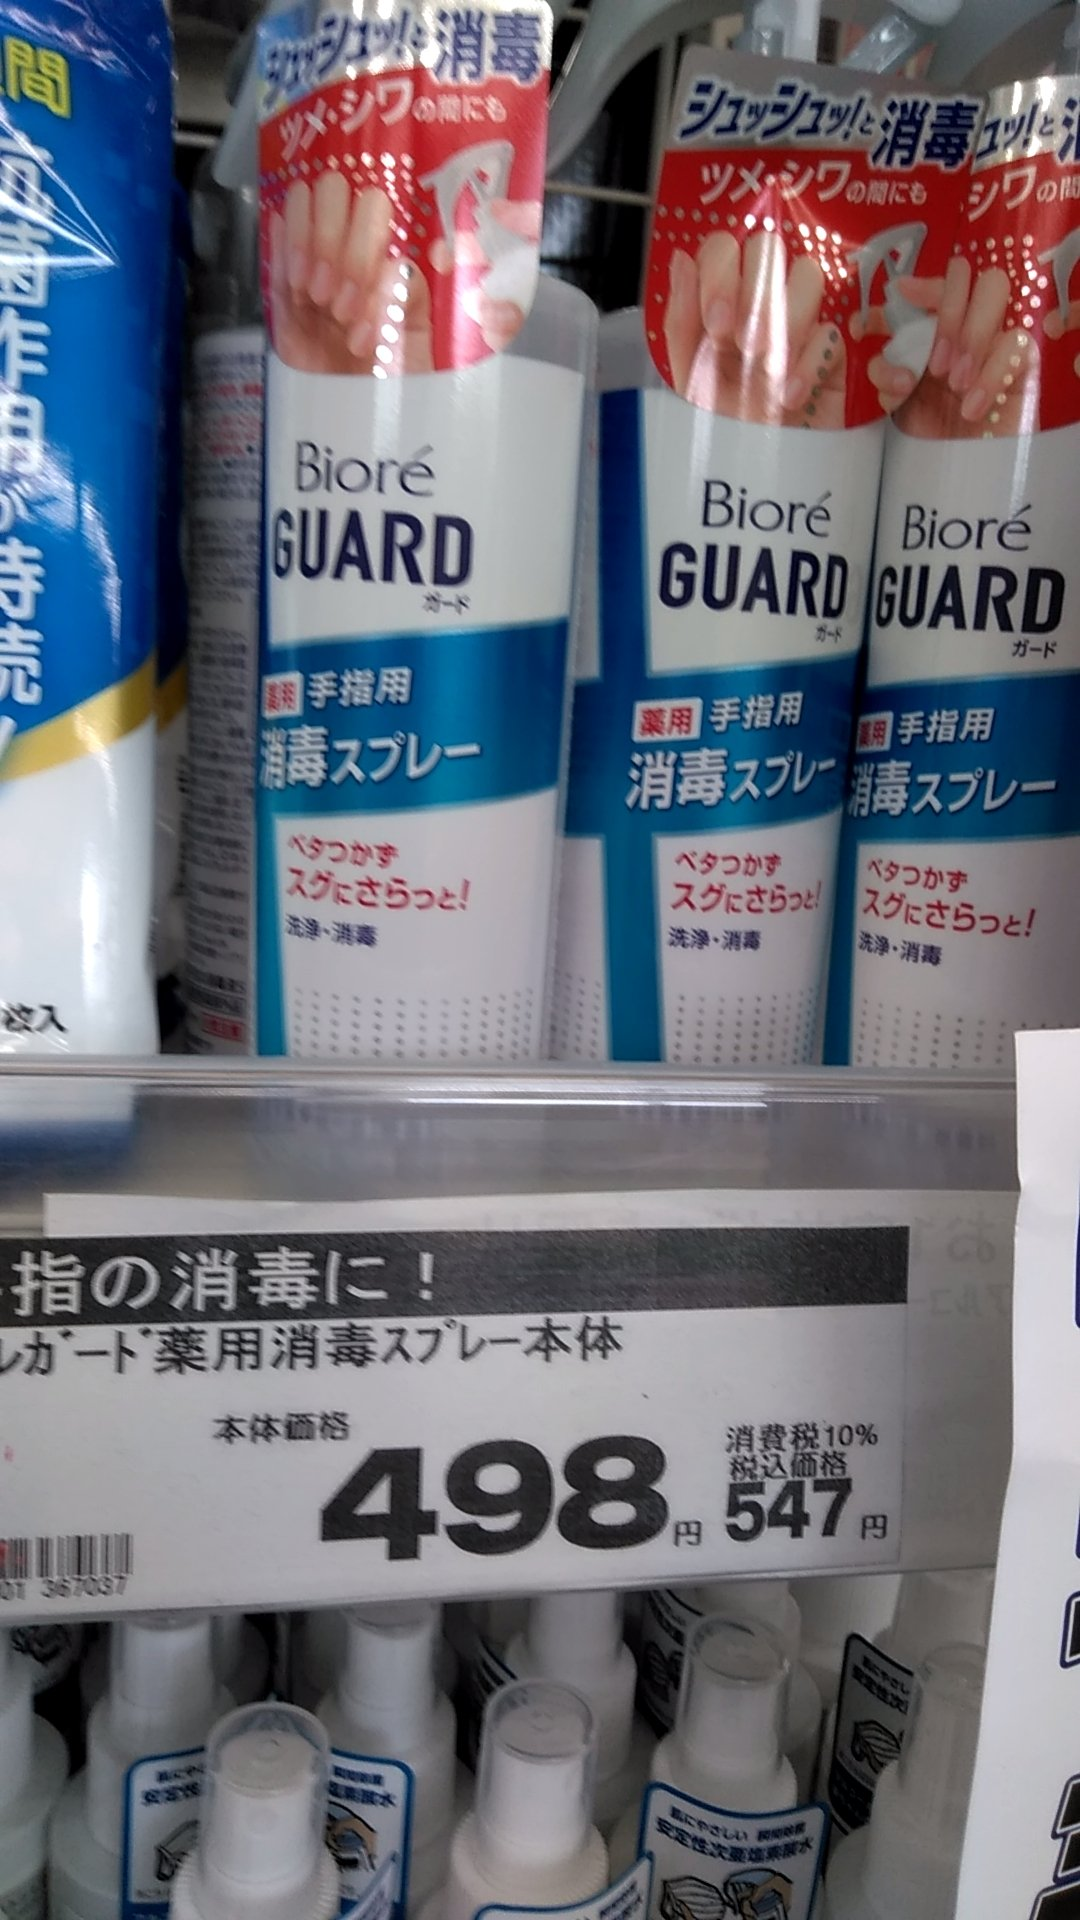 消毒 ビオレ 用 スプレー 薬用 手指 携帯 用 ガード